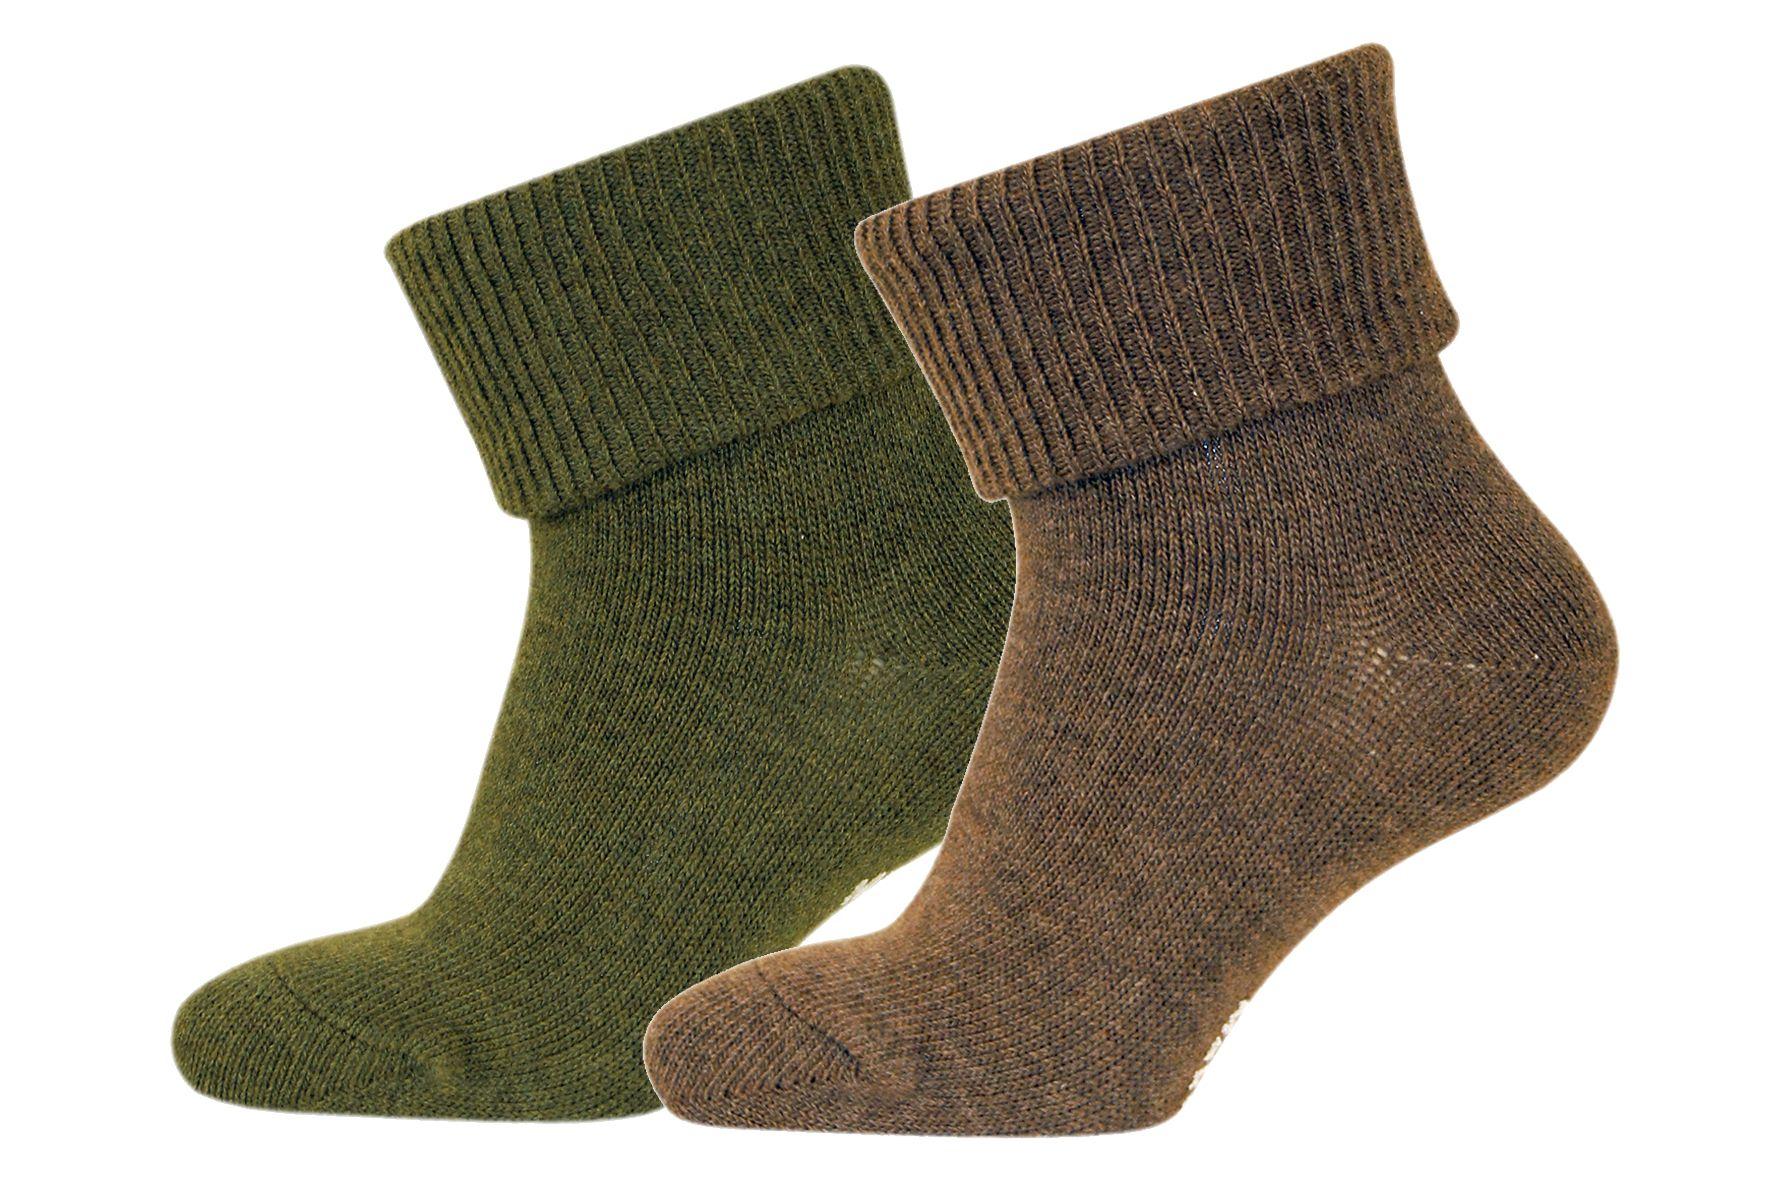 Strømper fra Melton - ABS - Oliven / brun melange (2 par)